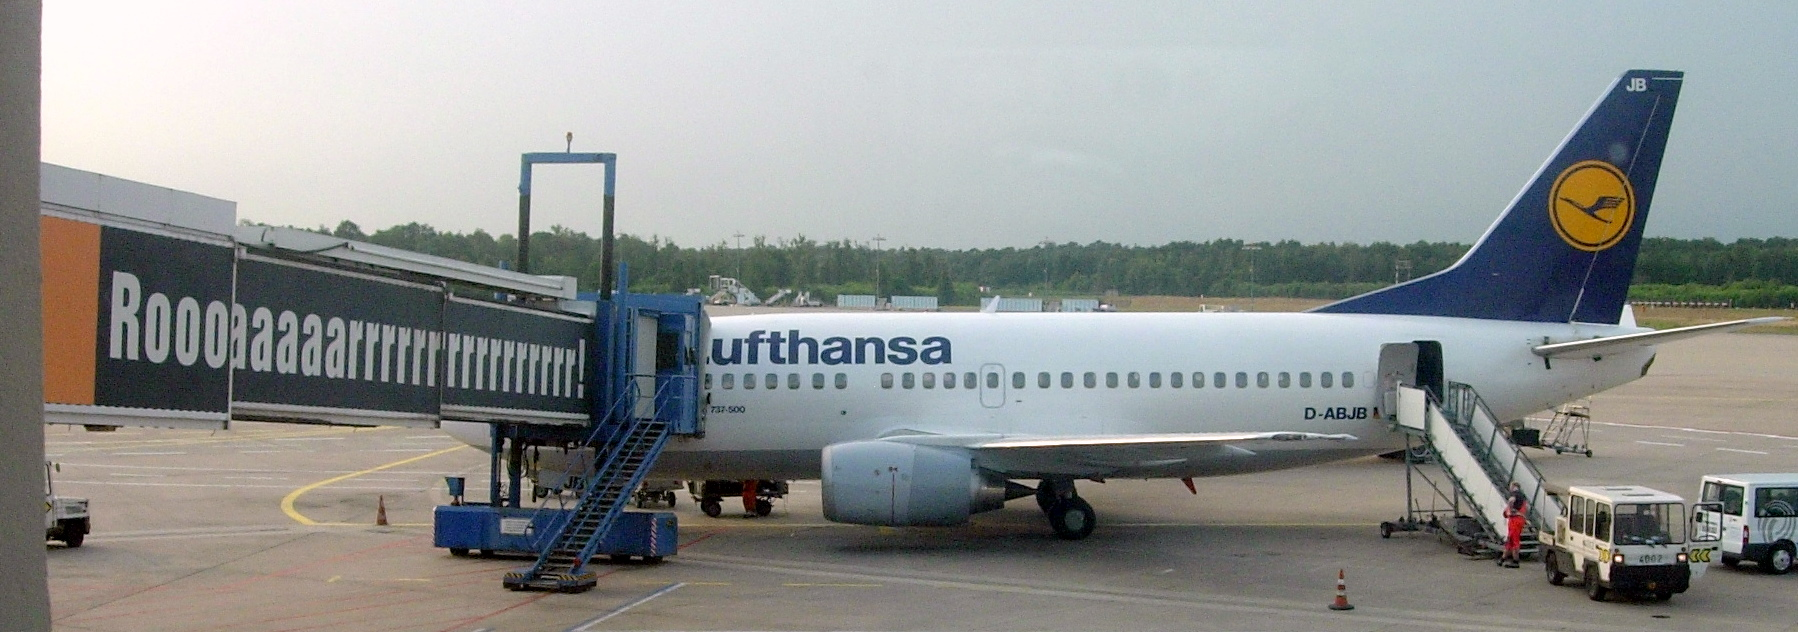 Airbus im Hangar von Lufthansa Technik